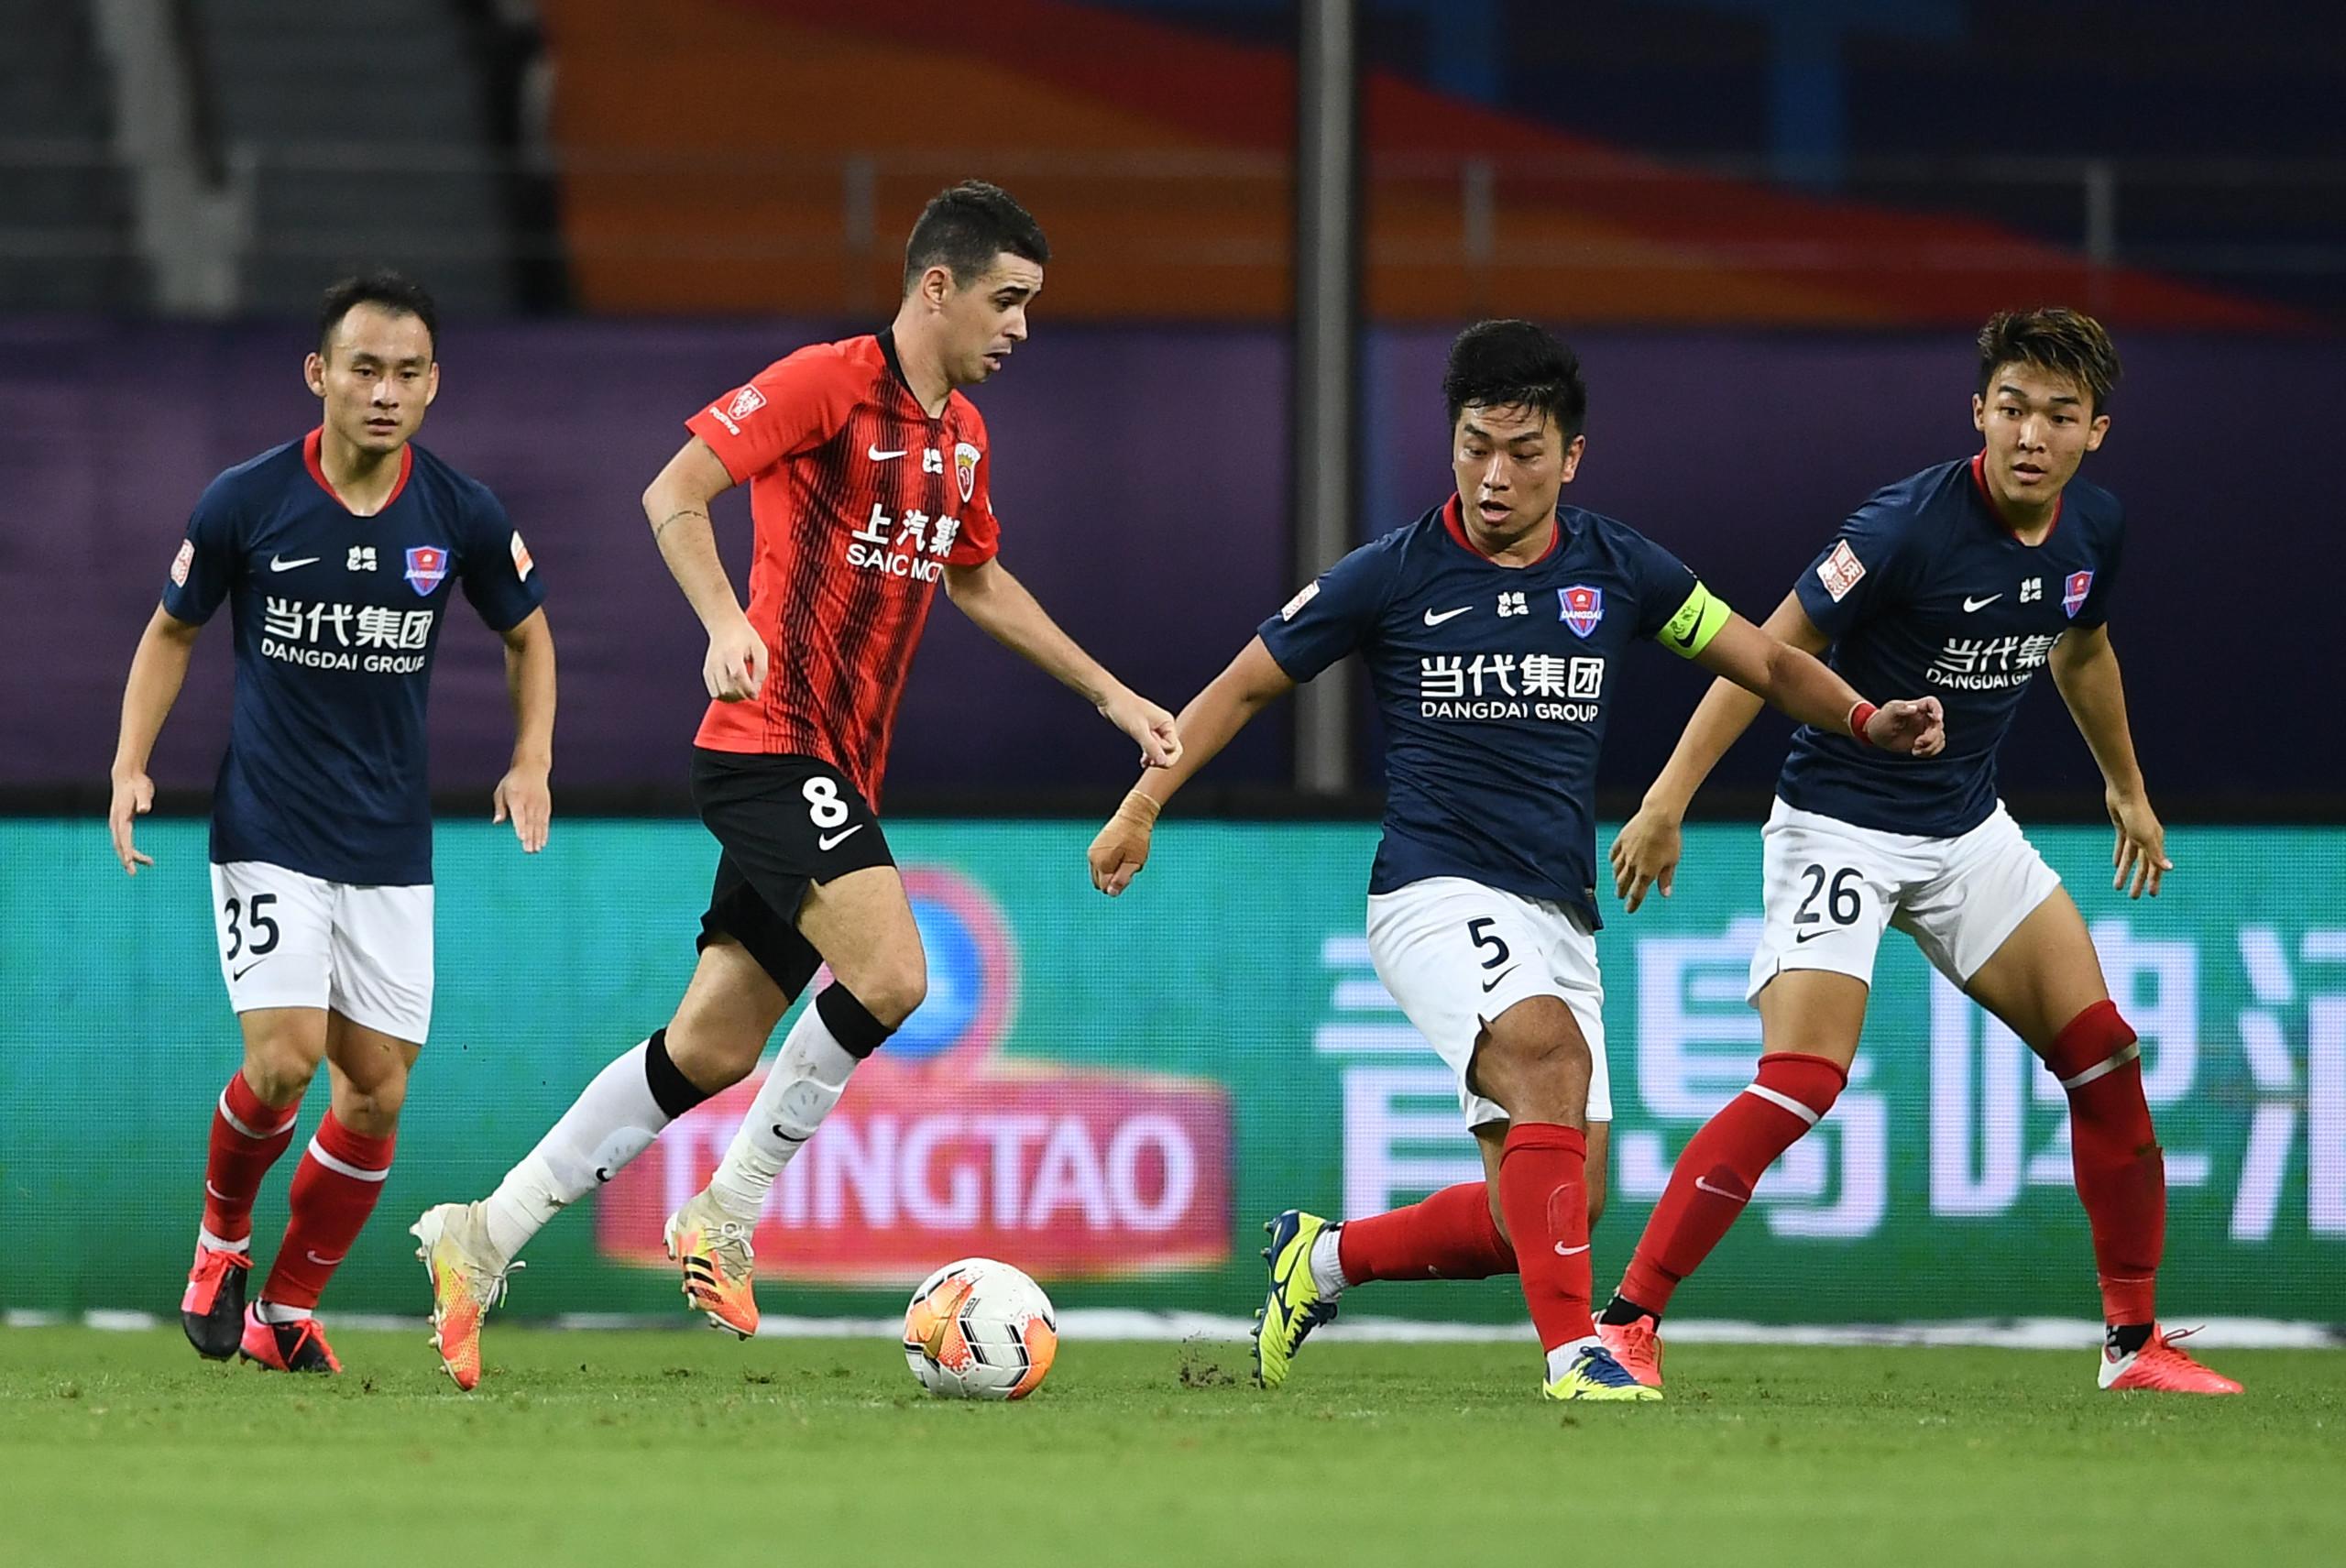 王燊超传射阿瑙奥斯卡建功,上港3-0重庆